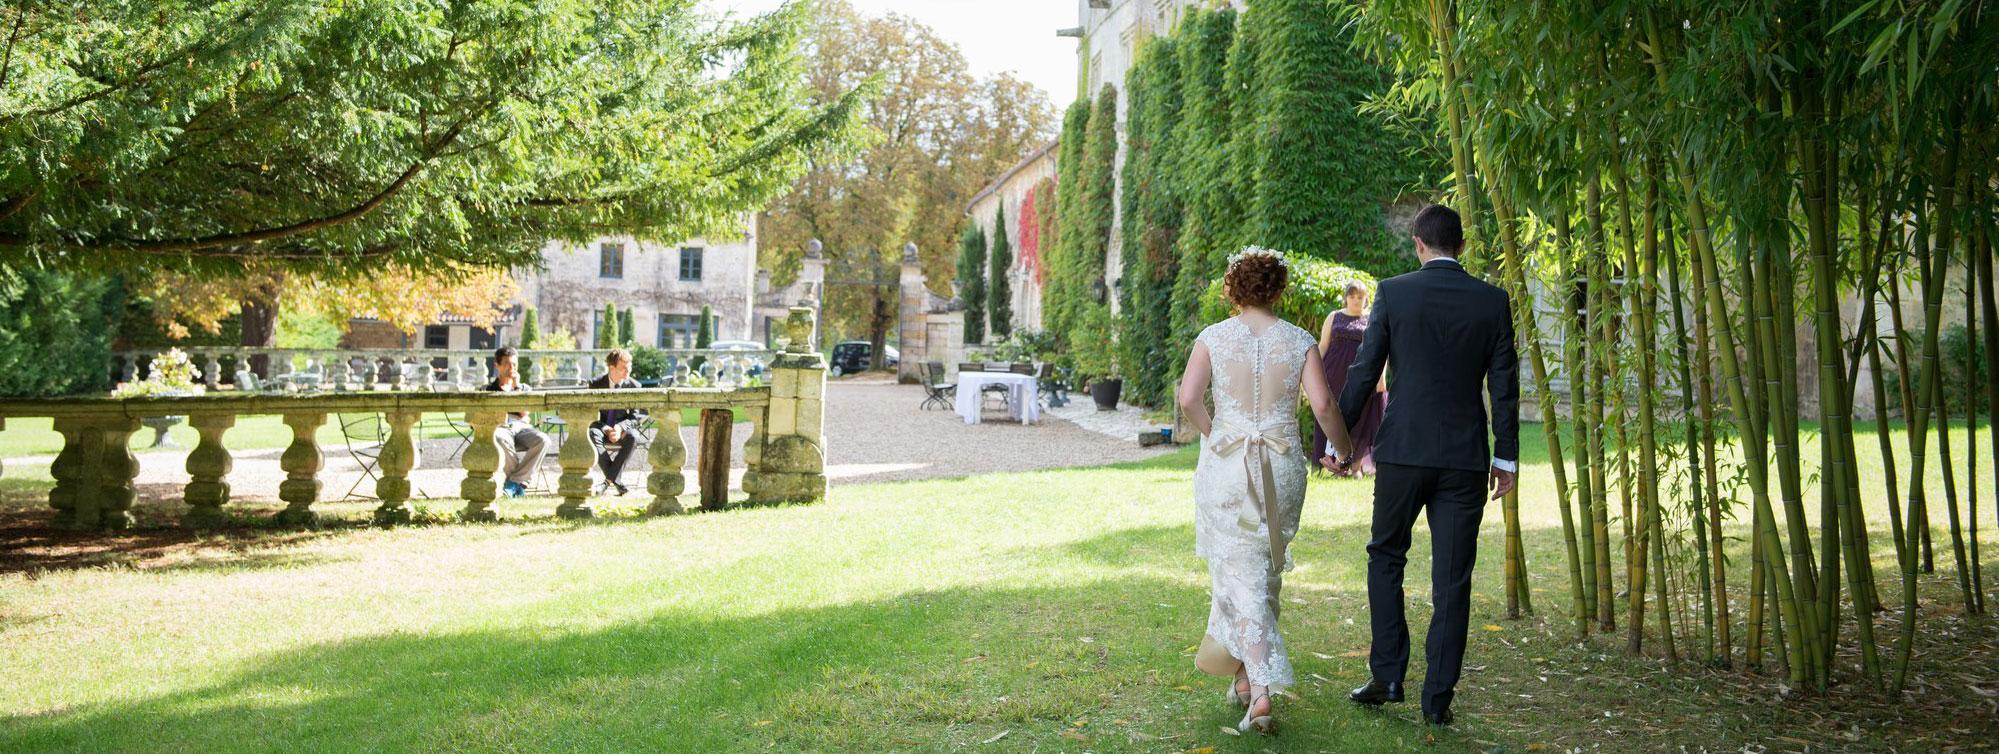 Chateau de Maumont : Mariages, réceptions ©M.Tollemer-Chateau de Maumont